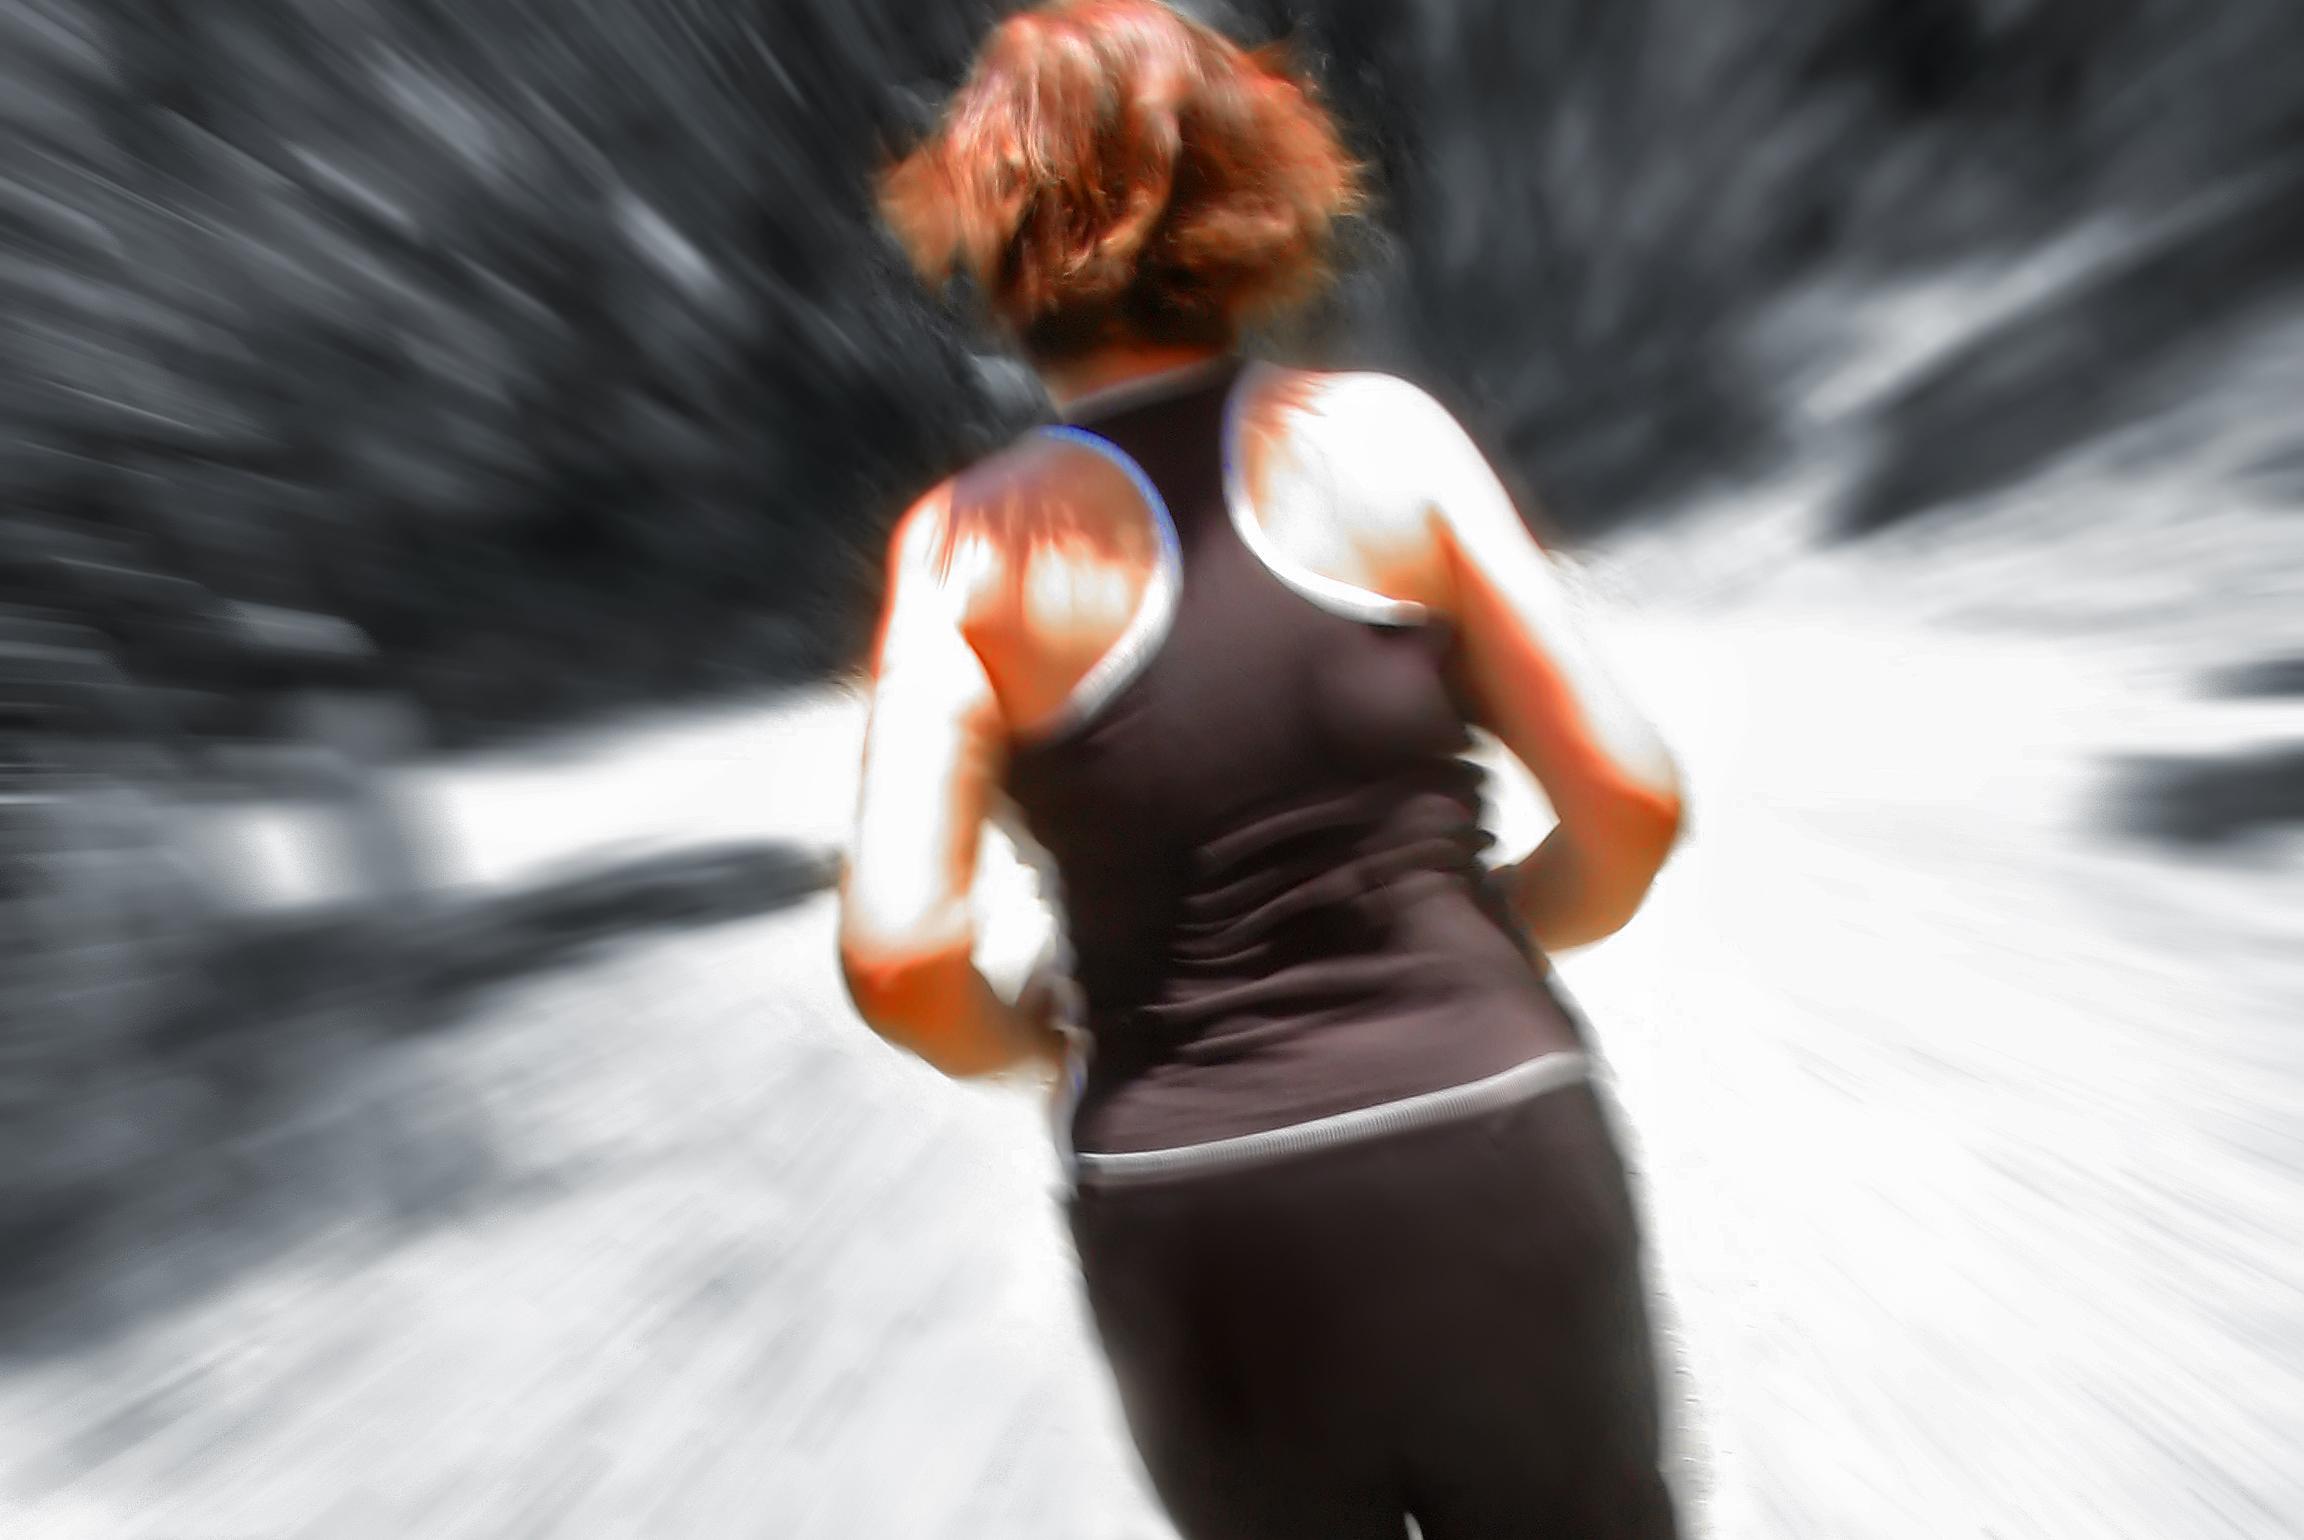 Un estudio apunta que el ejercicio puede ayudar a prevenir las recaídas por la adicción a la cocaína